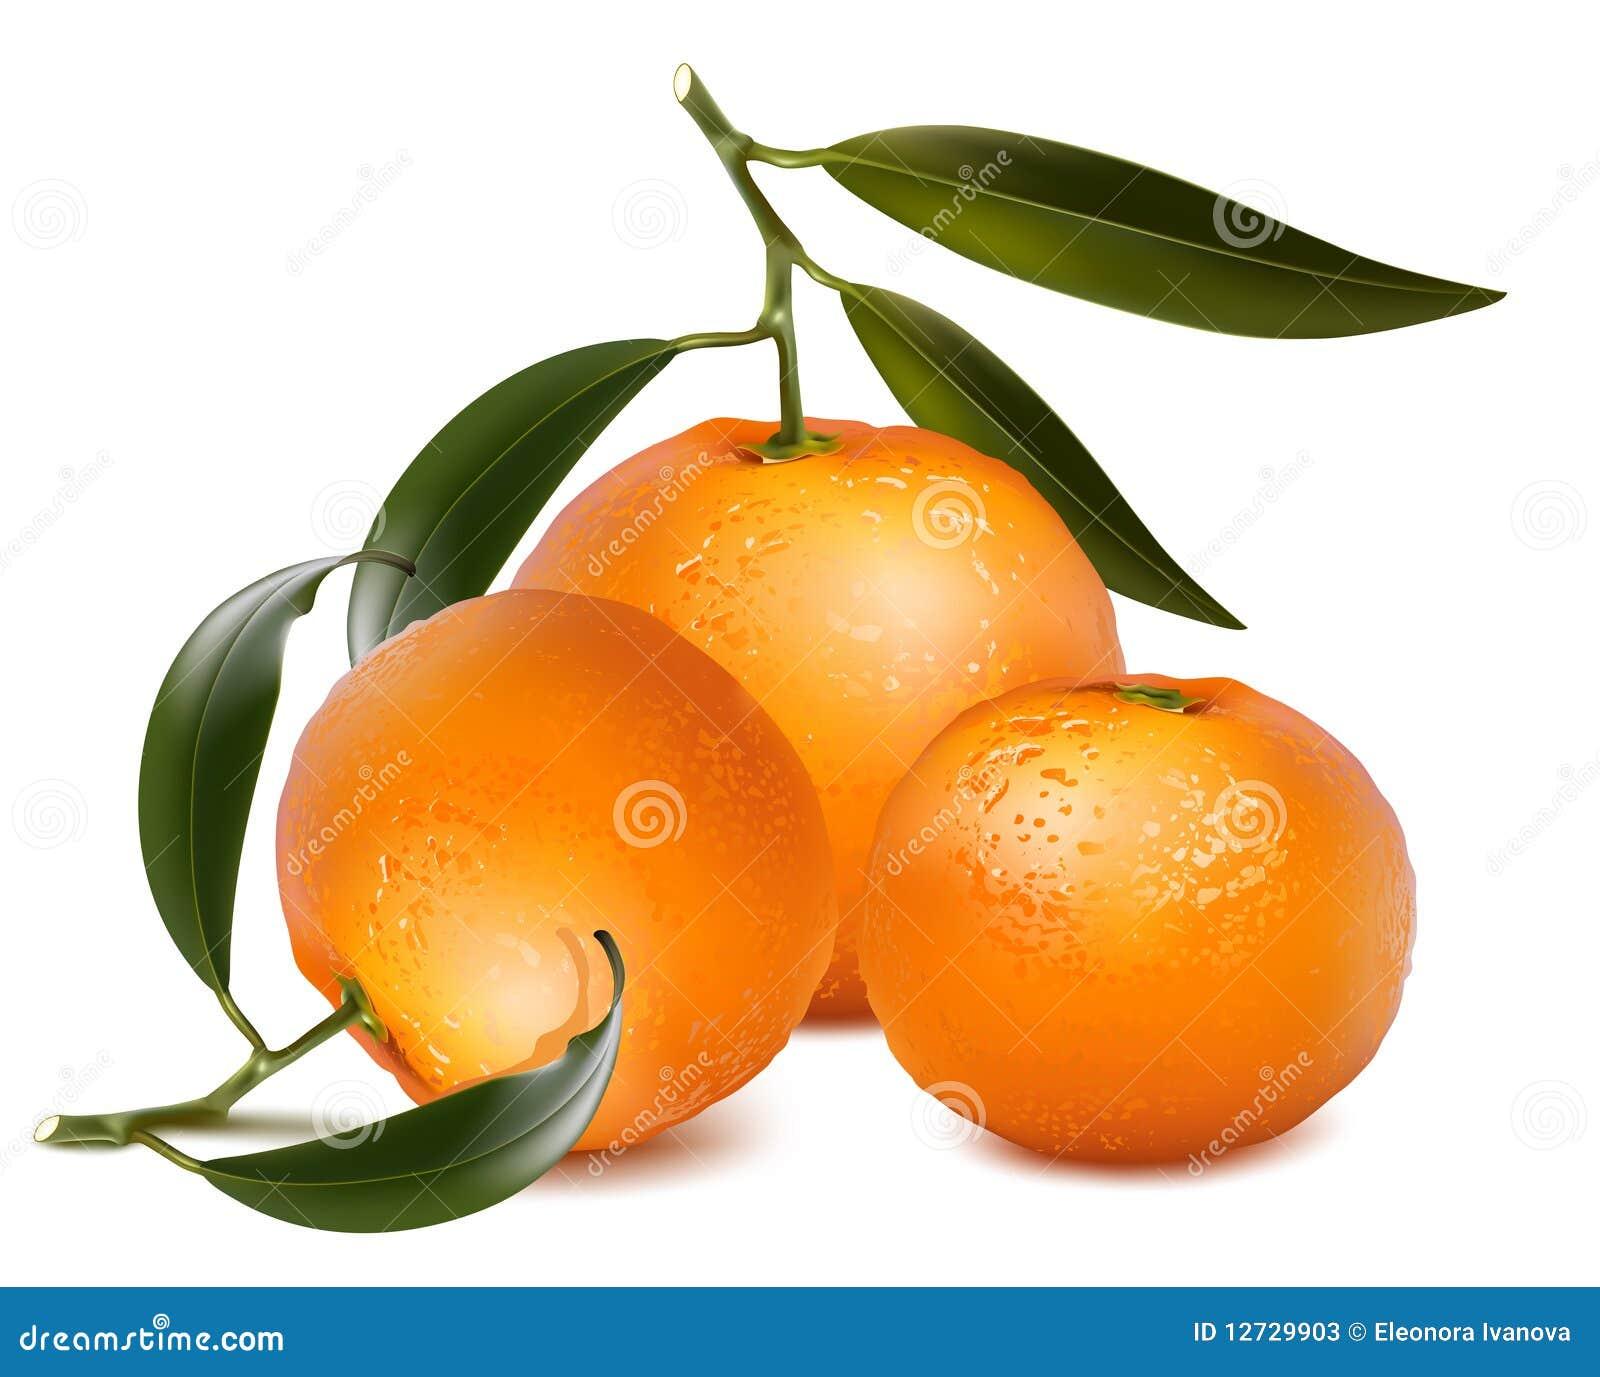 Verse mandarijnvruchten met groene bladeren.